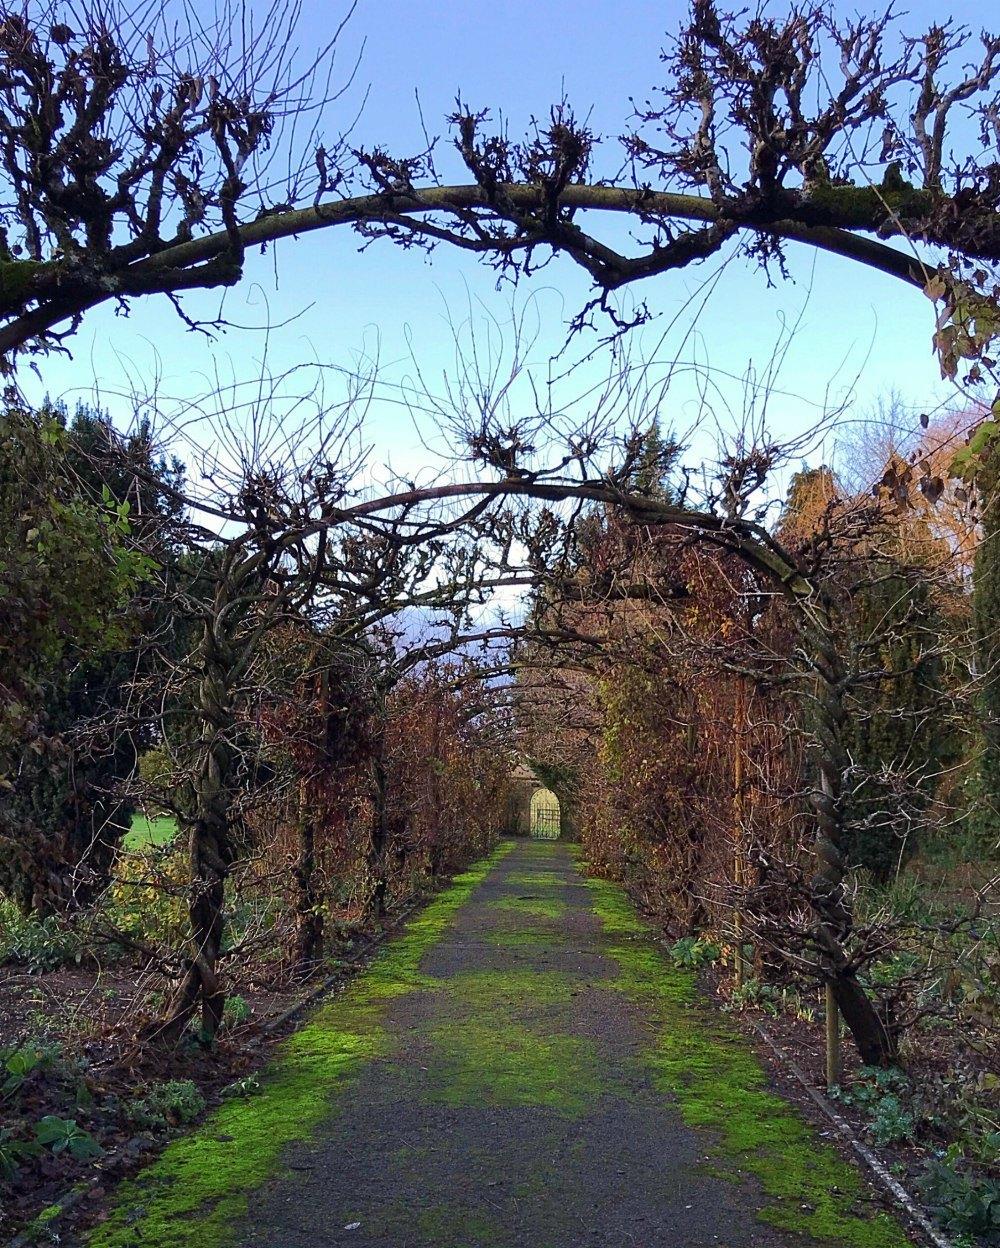 Winter garden at Bruern Cottages - Photo Heatheronhertravels.com